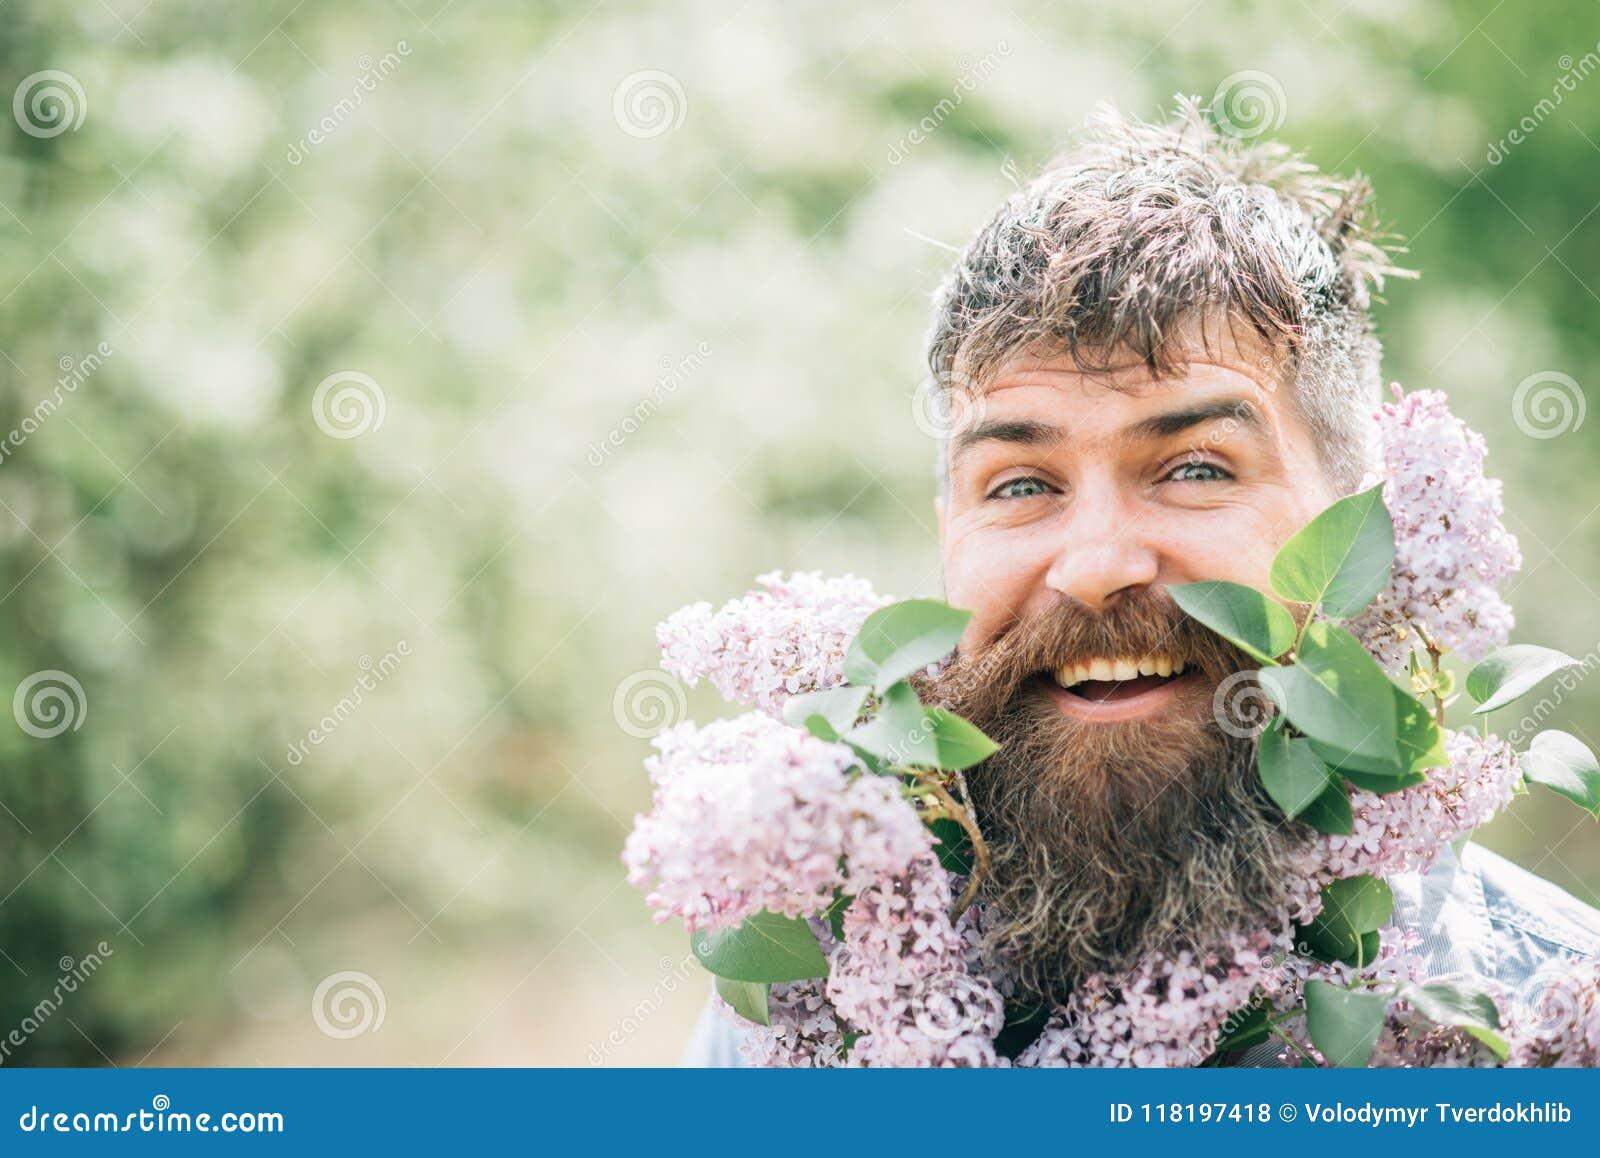 Hombre feliz con la lila en barba La sonrisa barbuda del hombre con la lila florece el día soleado El inconformista goza del olor